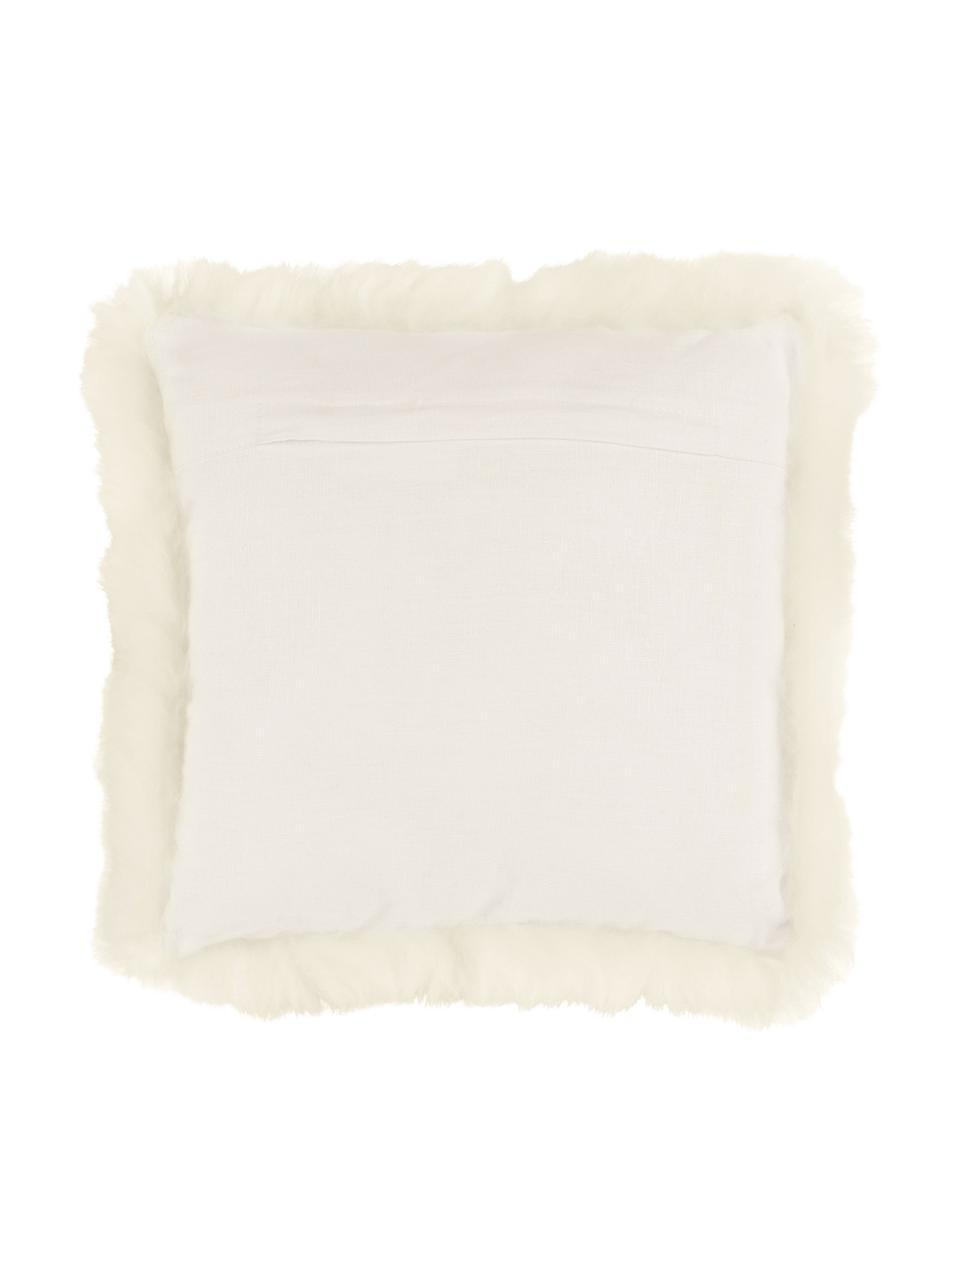 Housse de coussin peau de mouton crème Oslo, Blanc crème